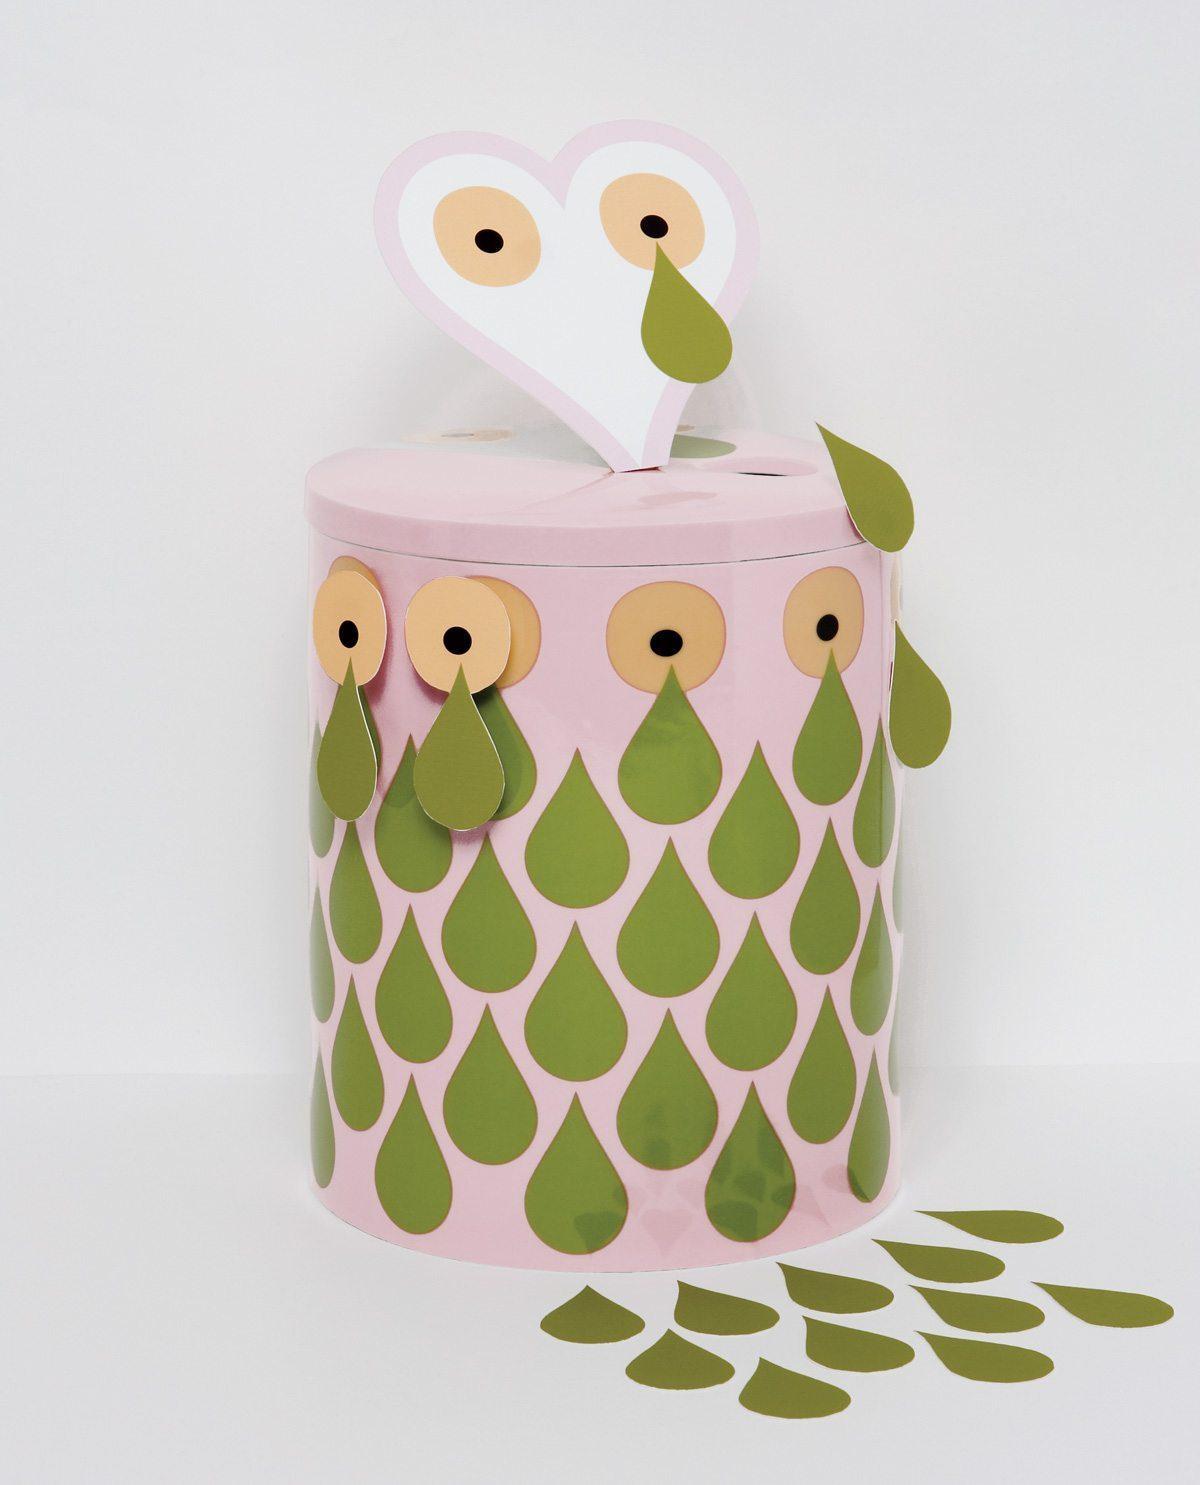 Le vase Surface Romance, motif Pokerface, édition Domestic, design IchetKar